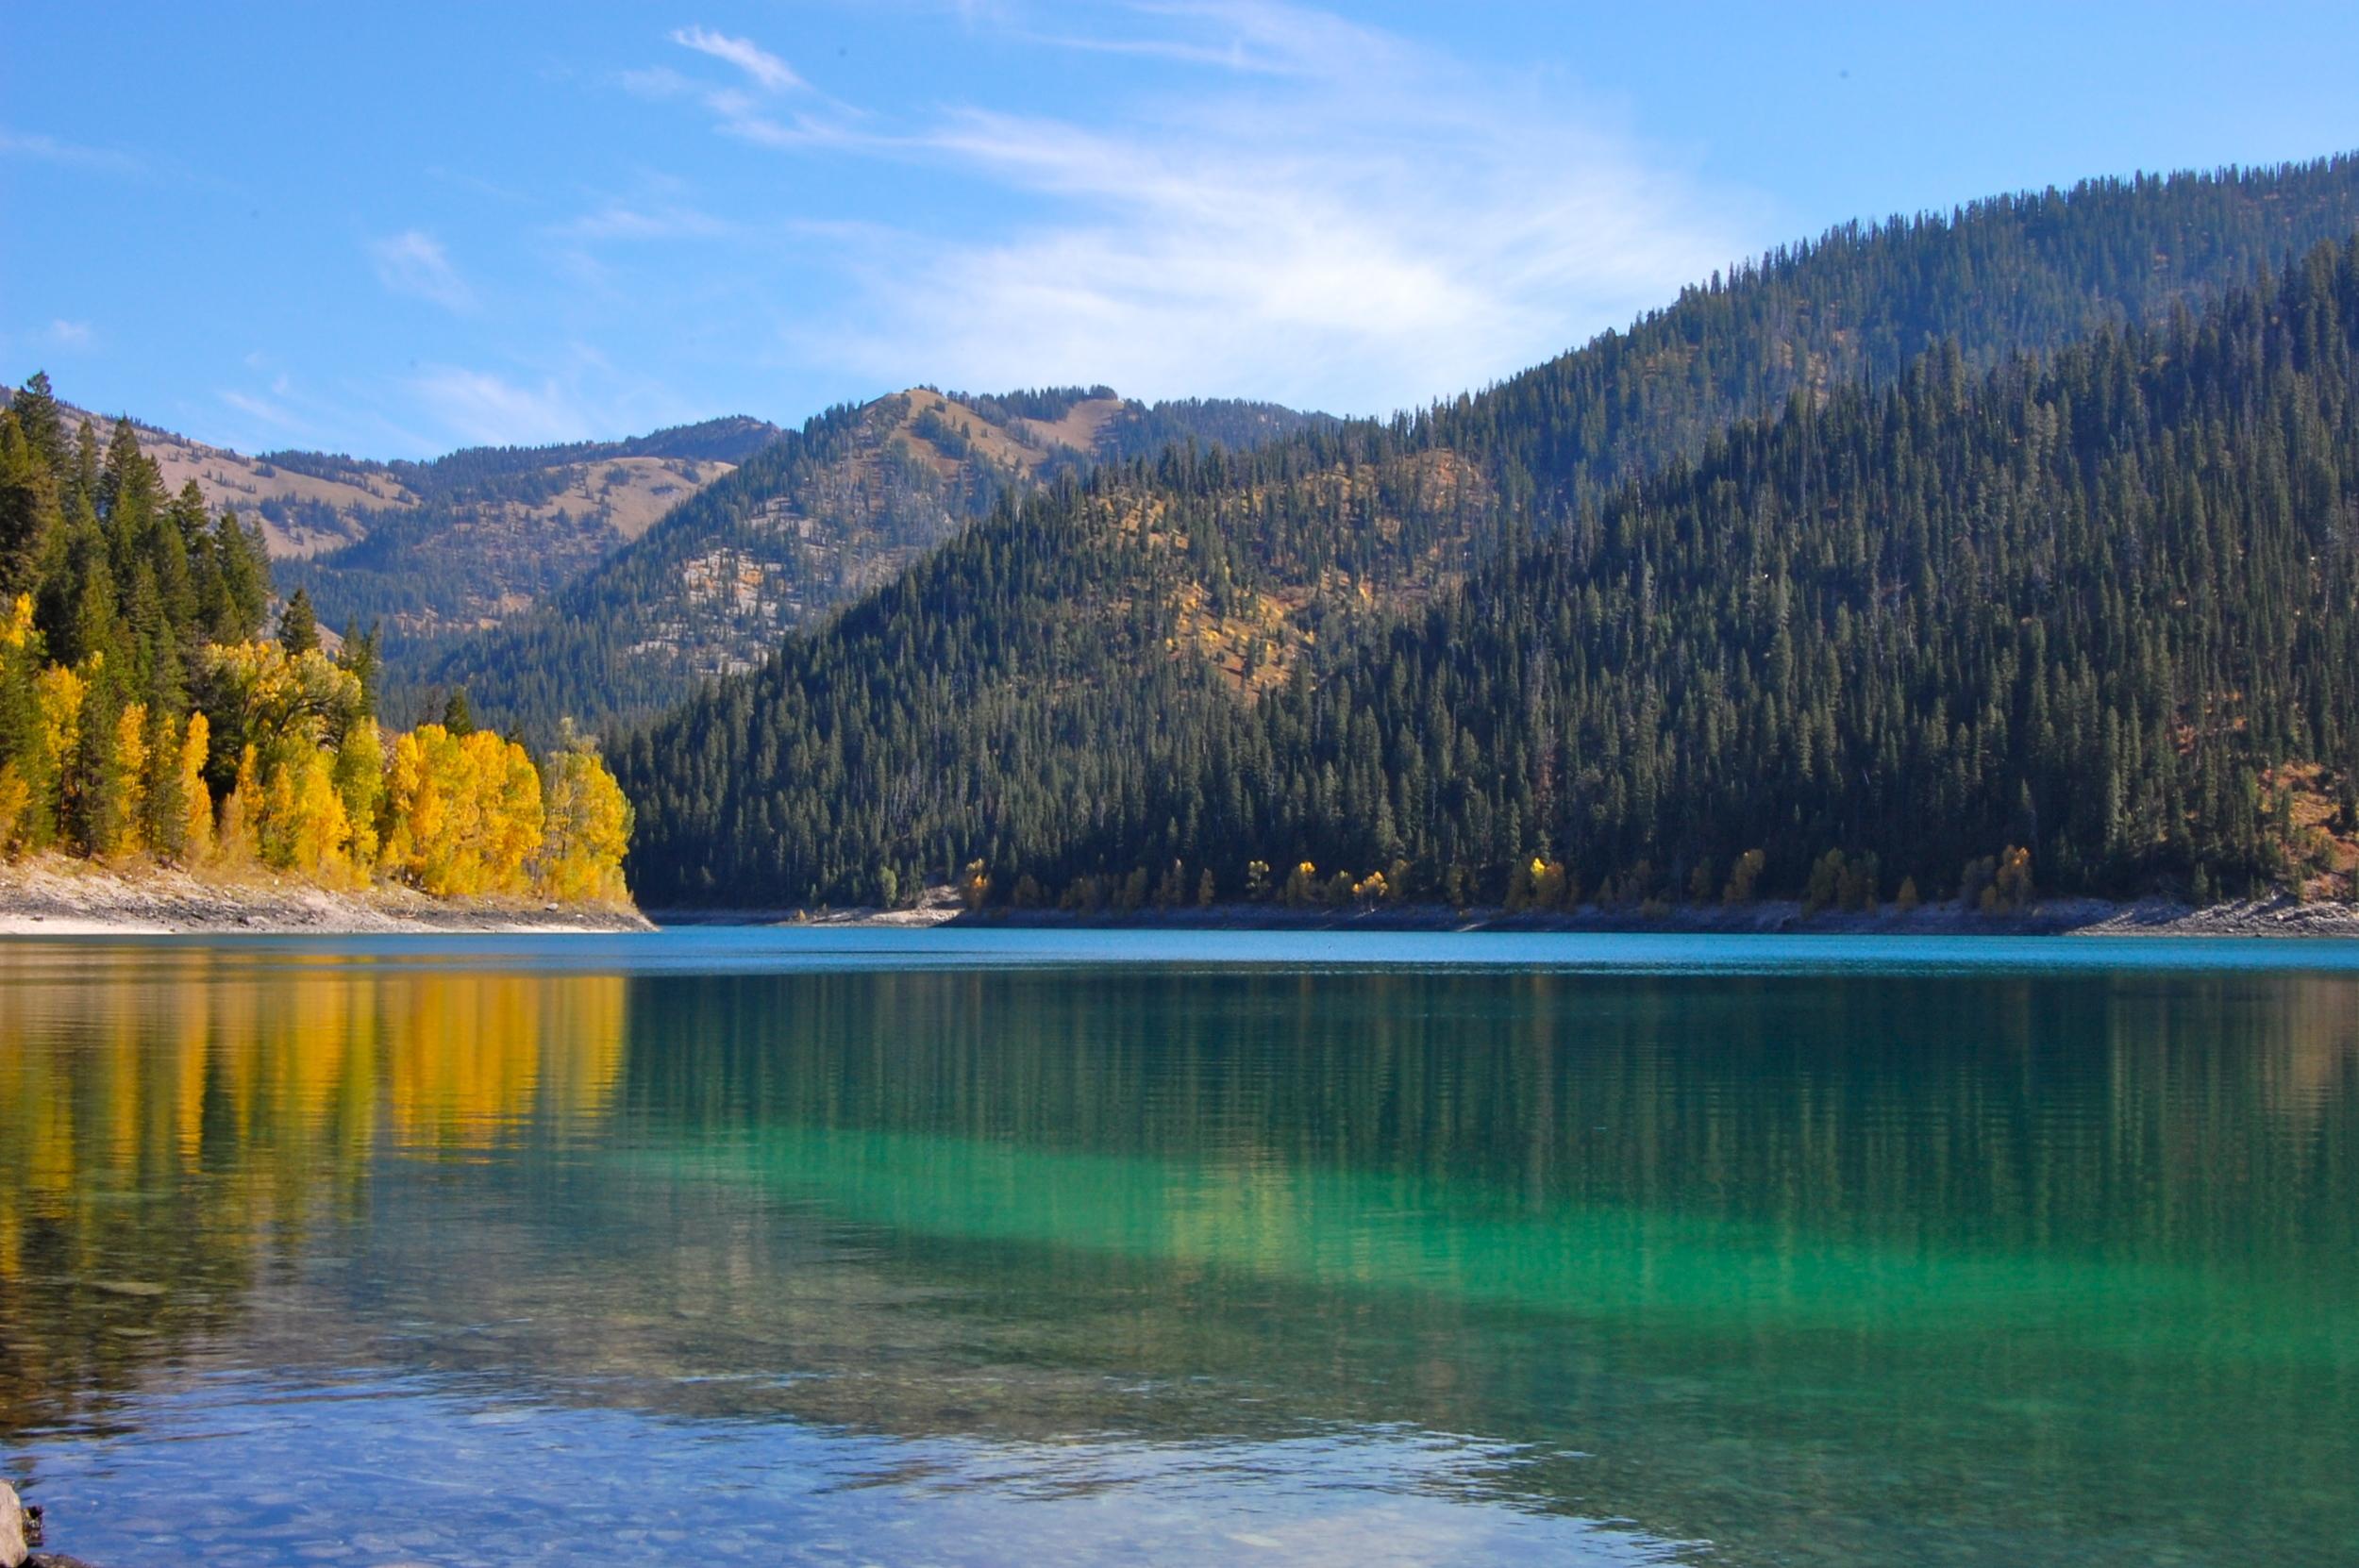 Upper Palisades Lake